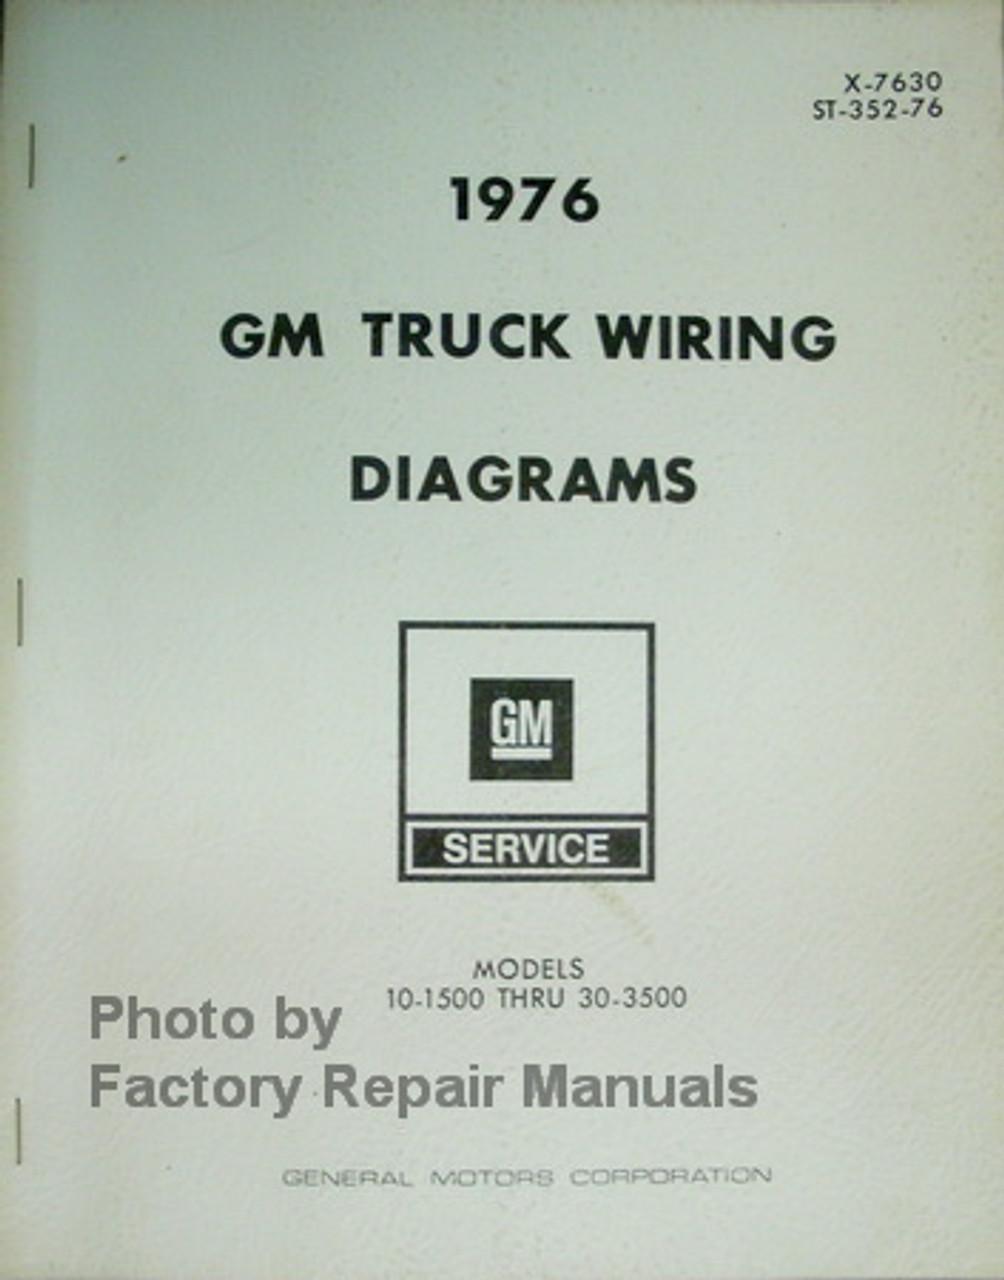 1976 Chevy 10-35 GMC 1500-3500 Truck Suburban Blazer Van Wiring Diagrams -  Factory Repair ManualsFactory Repair Manuals